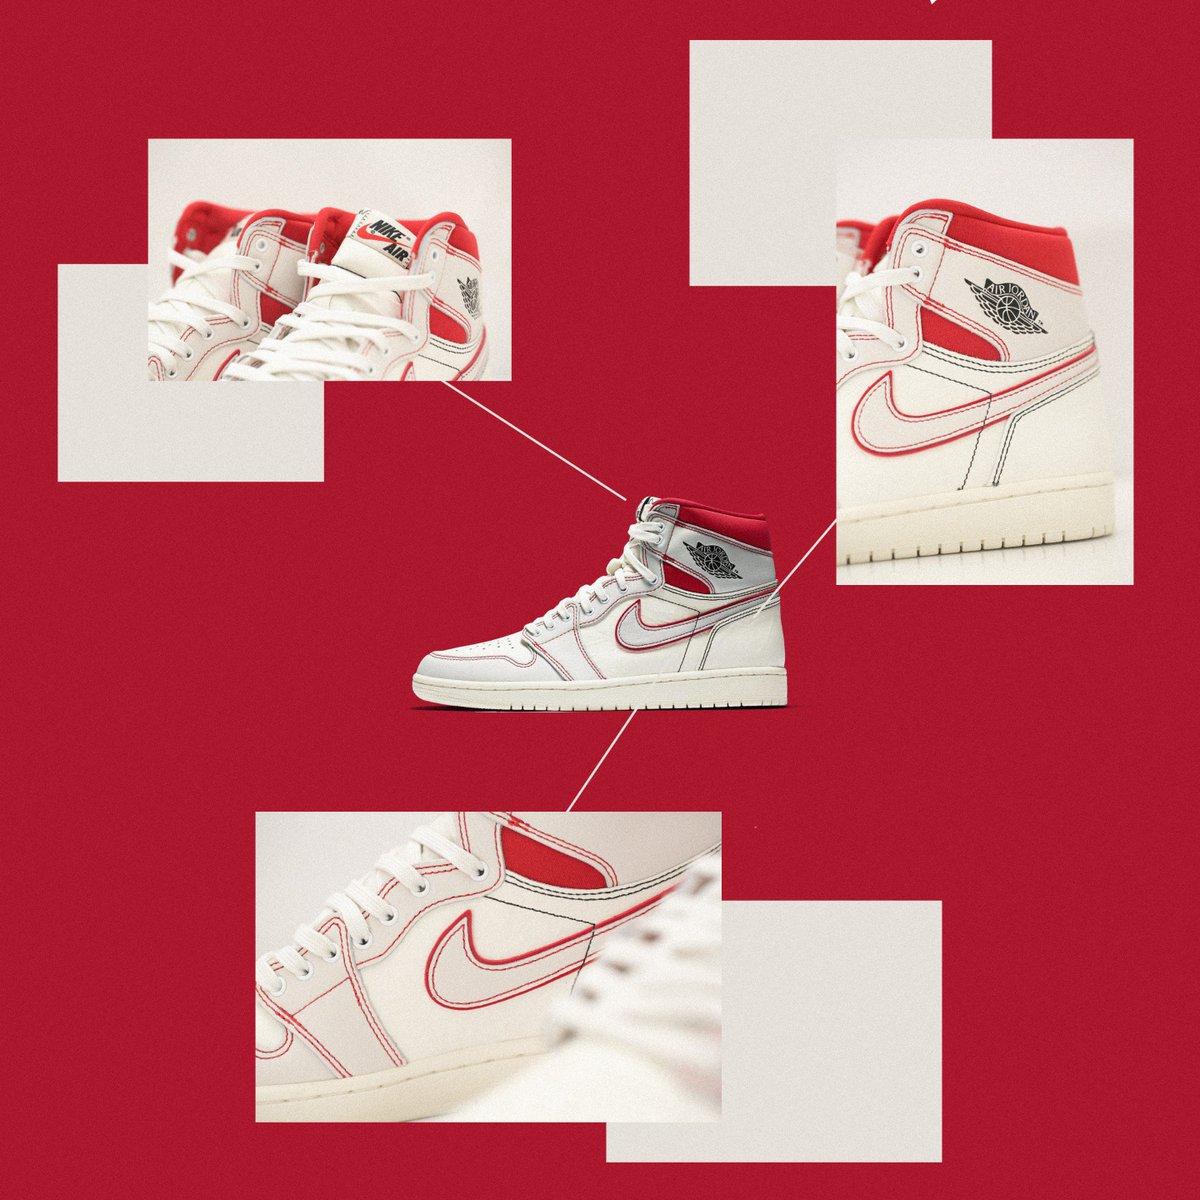 d9faaab45be3 The Air Jordan 1 Retro Hi OG